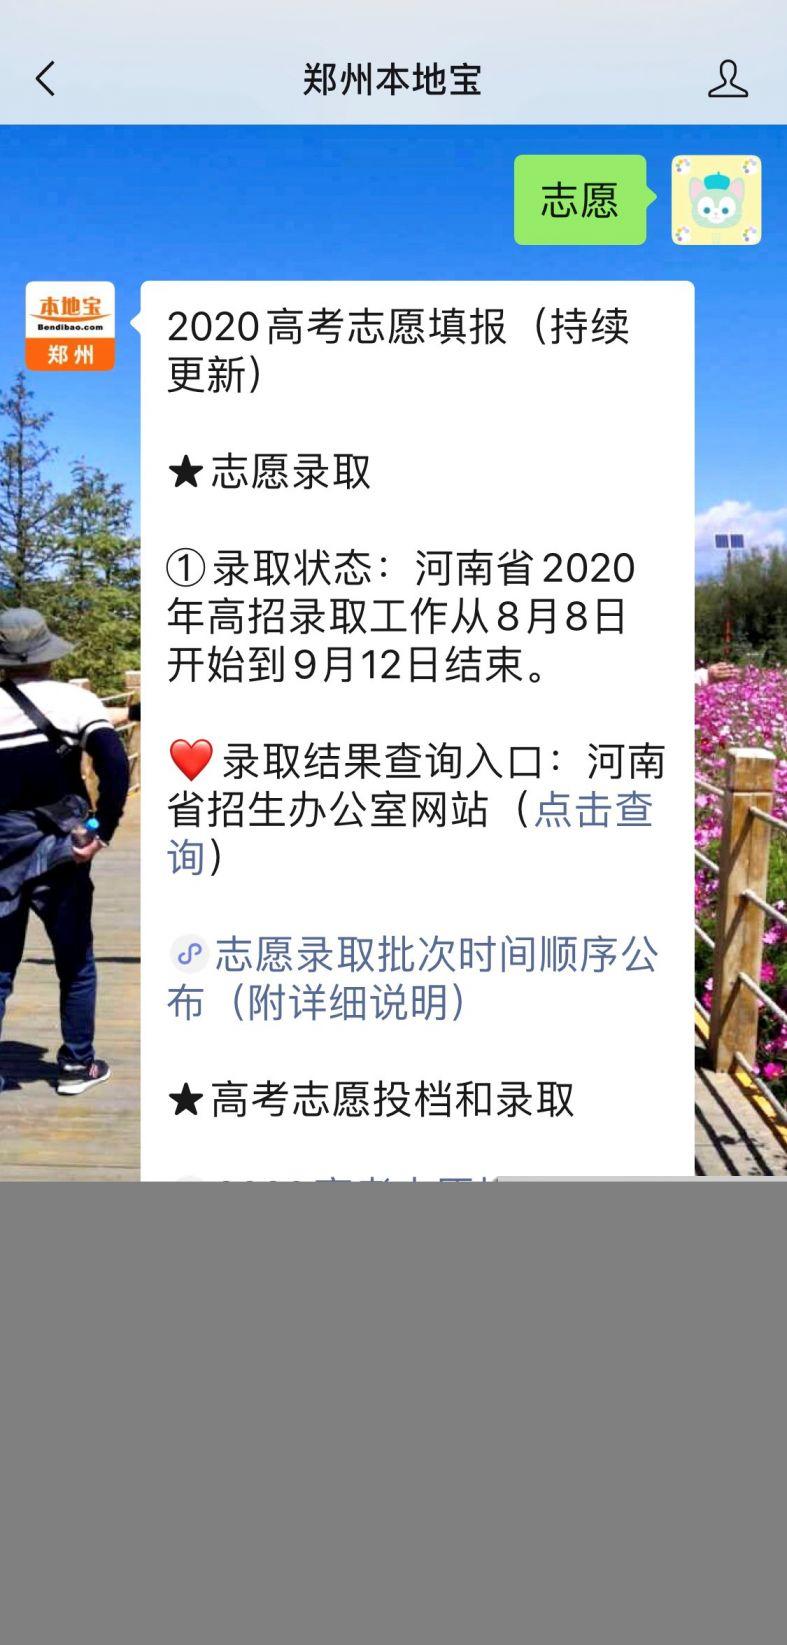 2020年河南高考志愿录取时间表公布(附征集志愿时间)